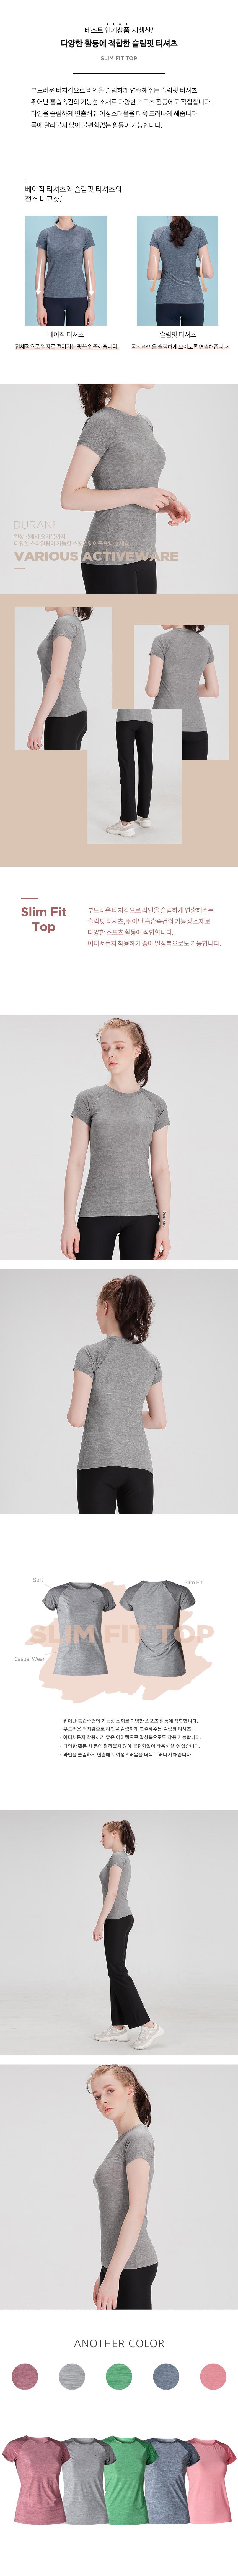 여성 스포츠 슬림핏 티셔츠 DFW5007 그레이